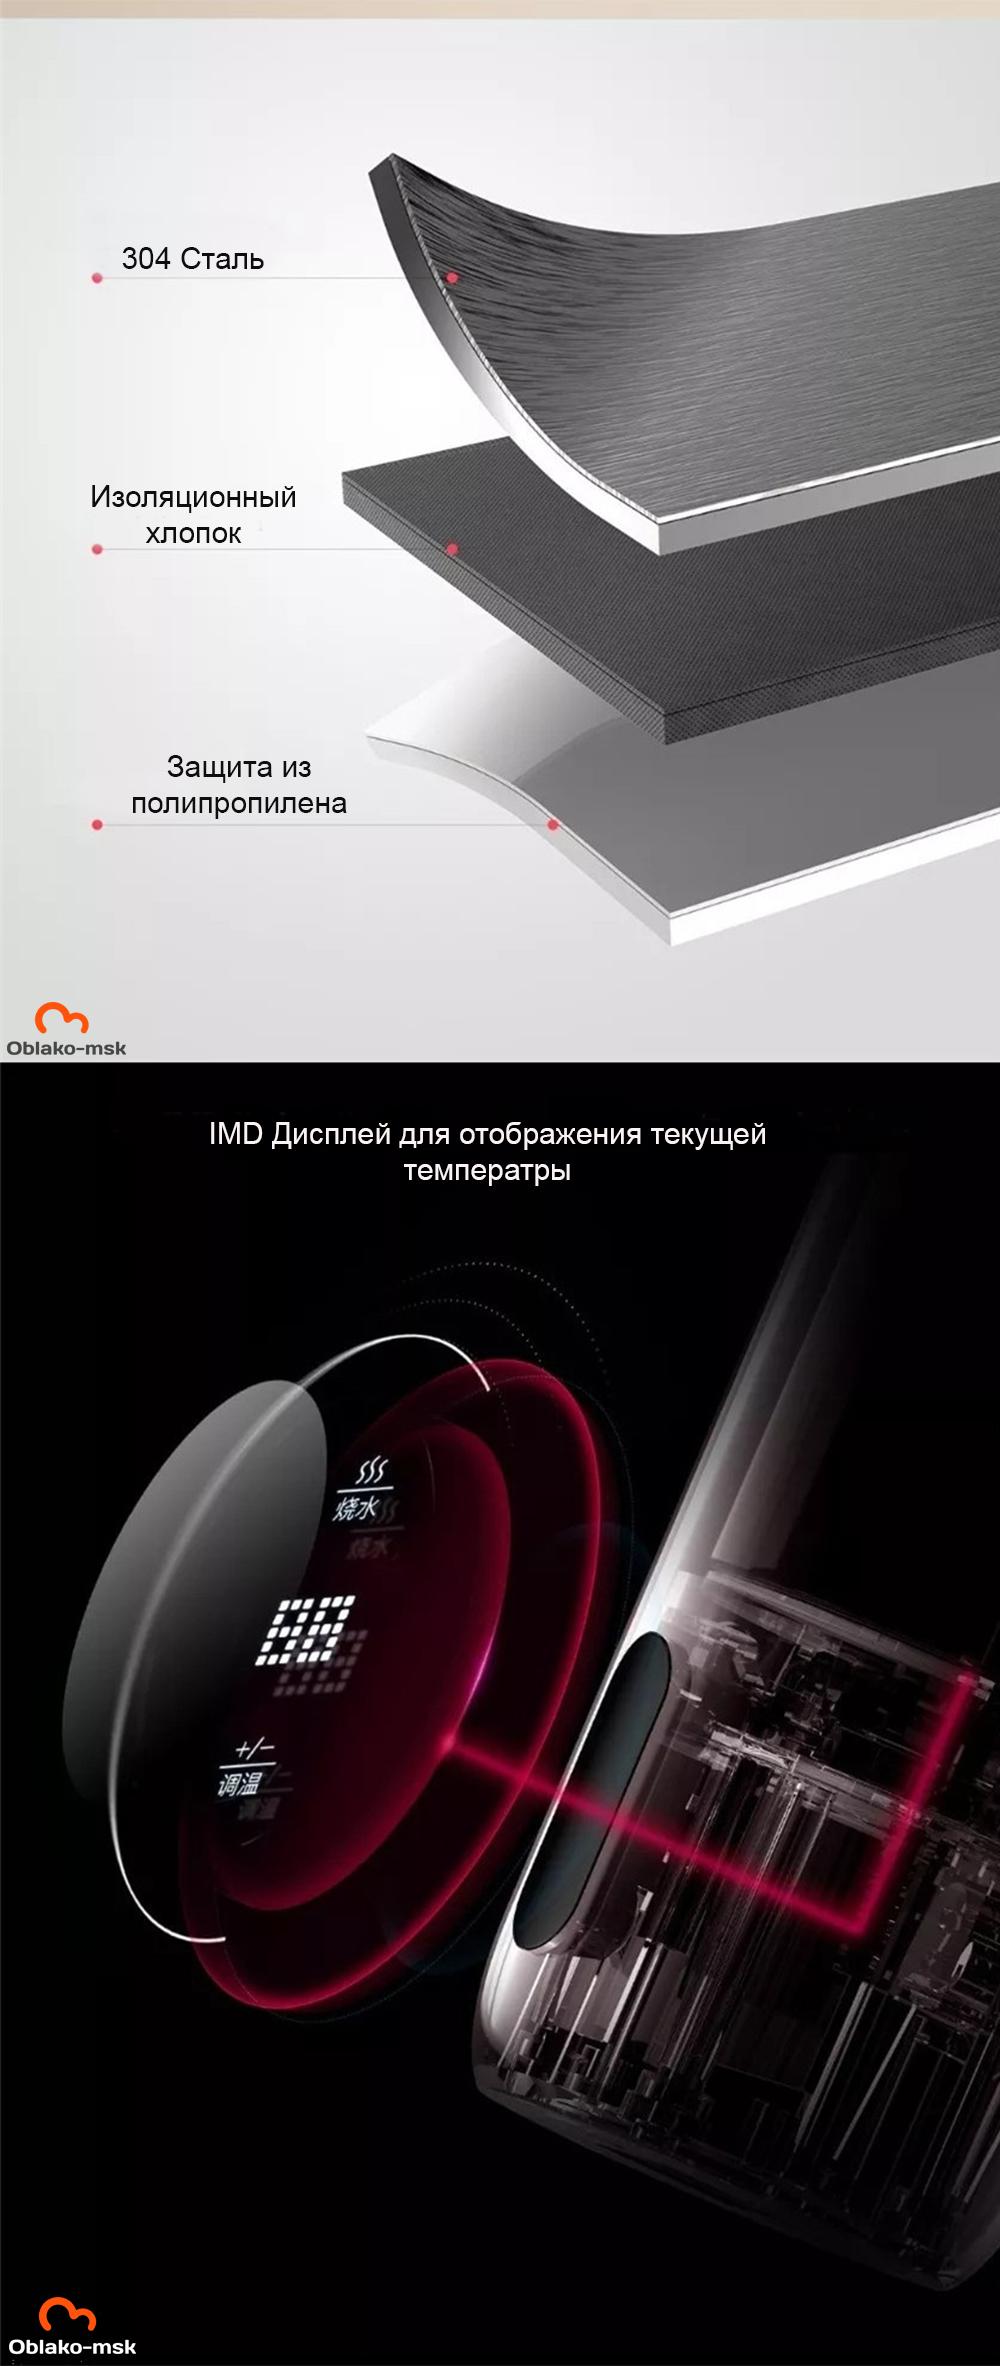 Термос Xiaomi Mijia Deerma 350ML Smart Water Bottle